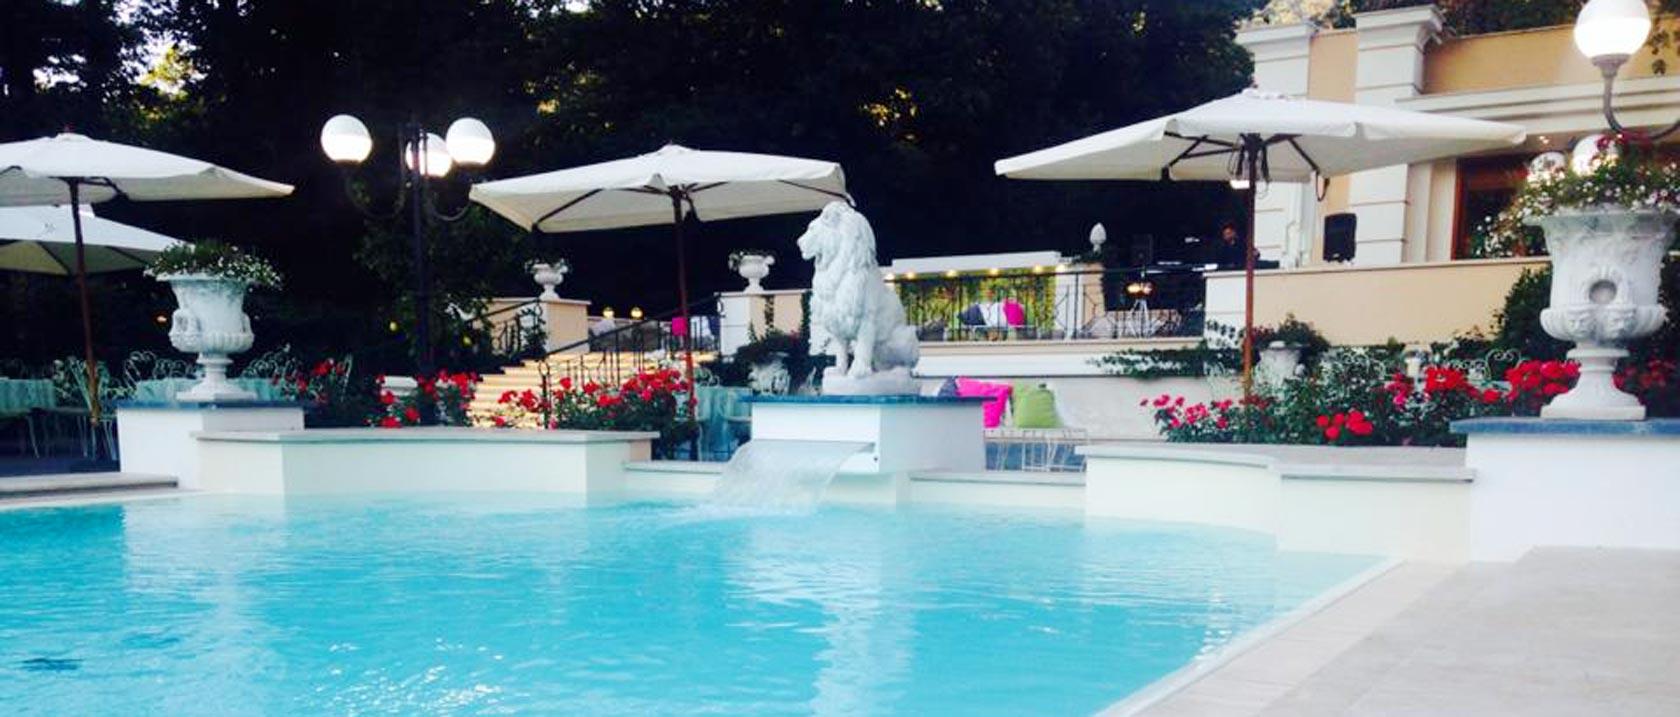 Ristorante La Foresta - Splendida wedding location per l ...